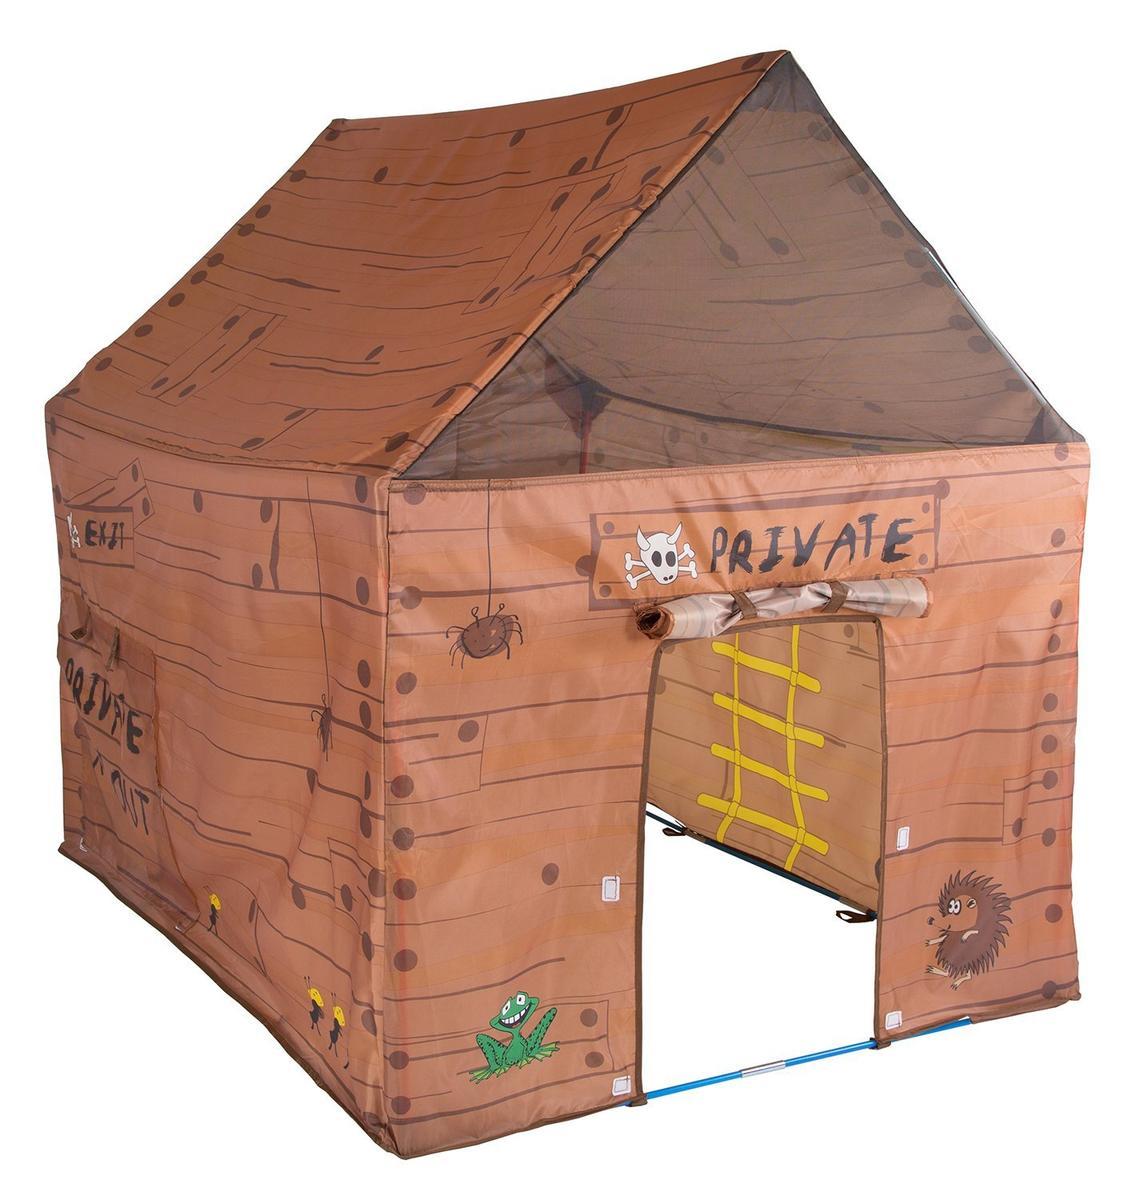 海賊 おもちゃ 子供 テント ボールハウス グループ 遊び